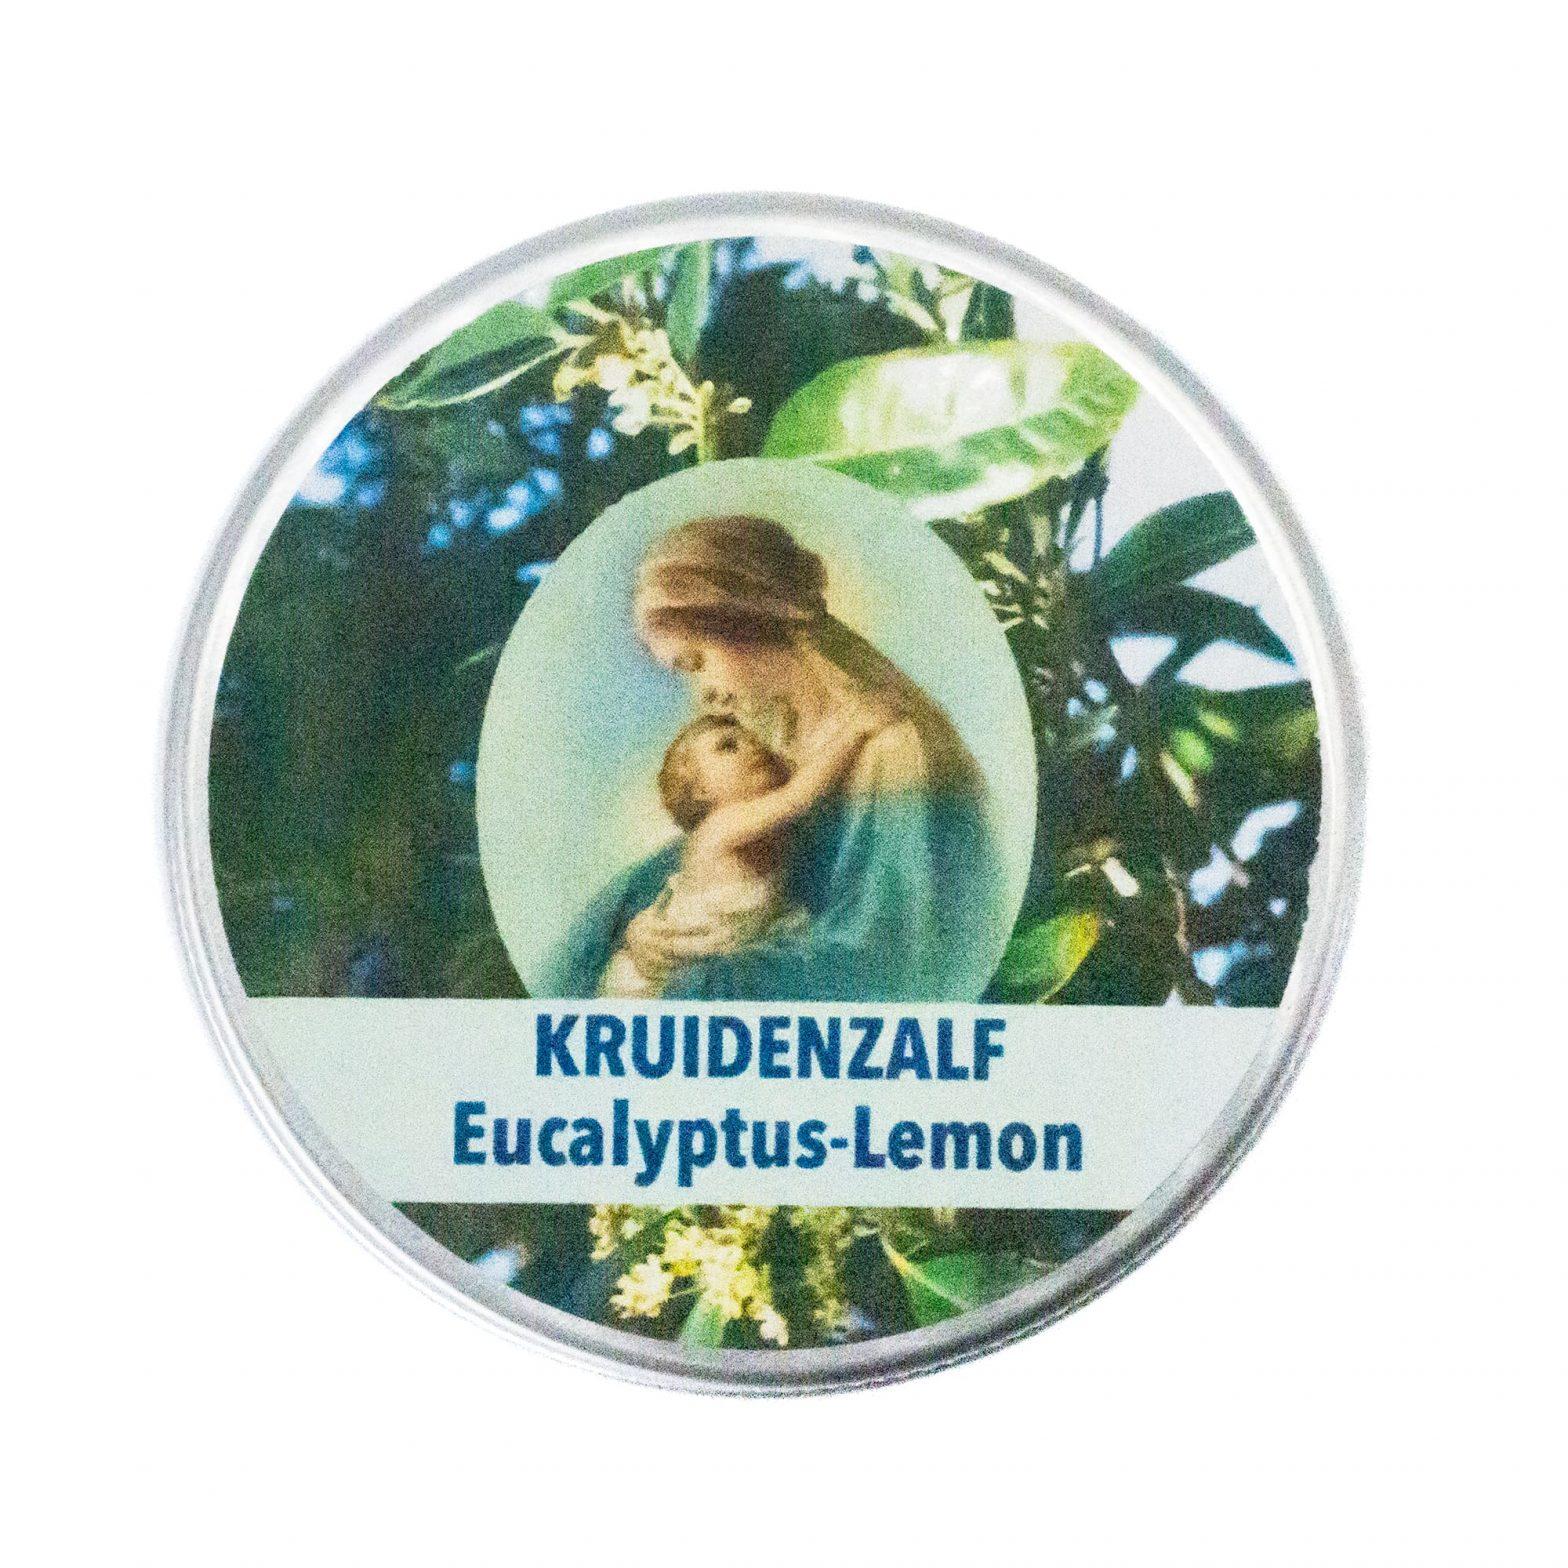 Kruidenzalf Eucalyptus-Lemon